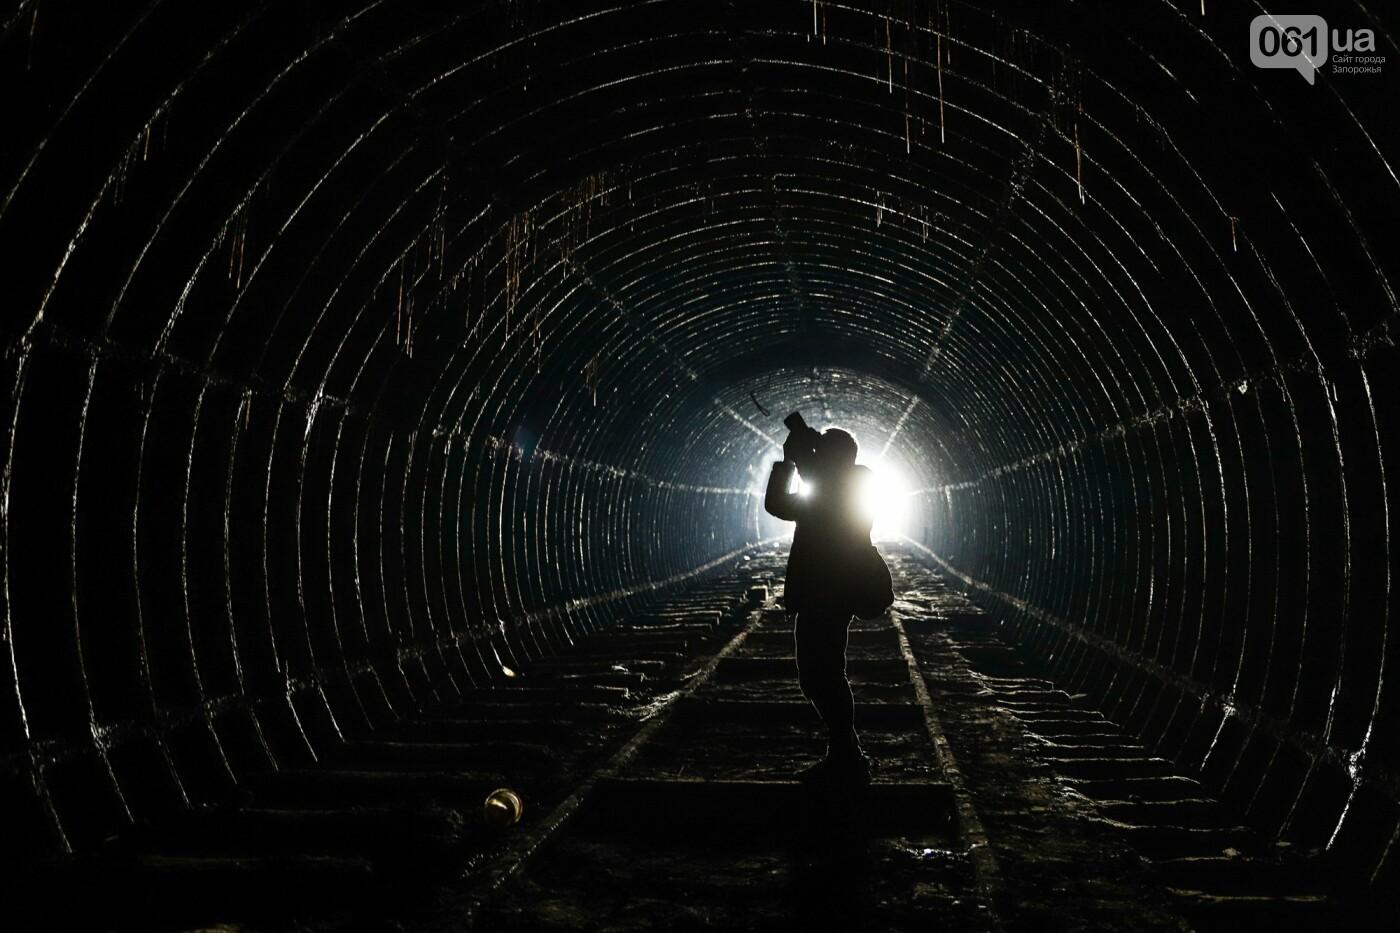 В Степногорске пытаются разобрать на металлолом шахту - промплощадка ГОКа превратилась в руины, - ФОТОРЕПОРТАЖ , фото-9